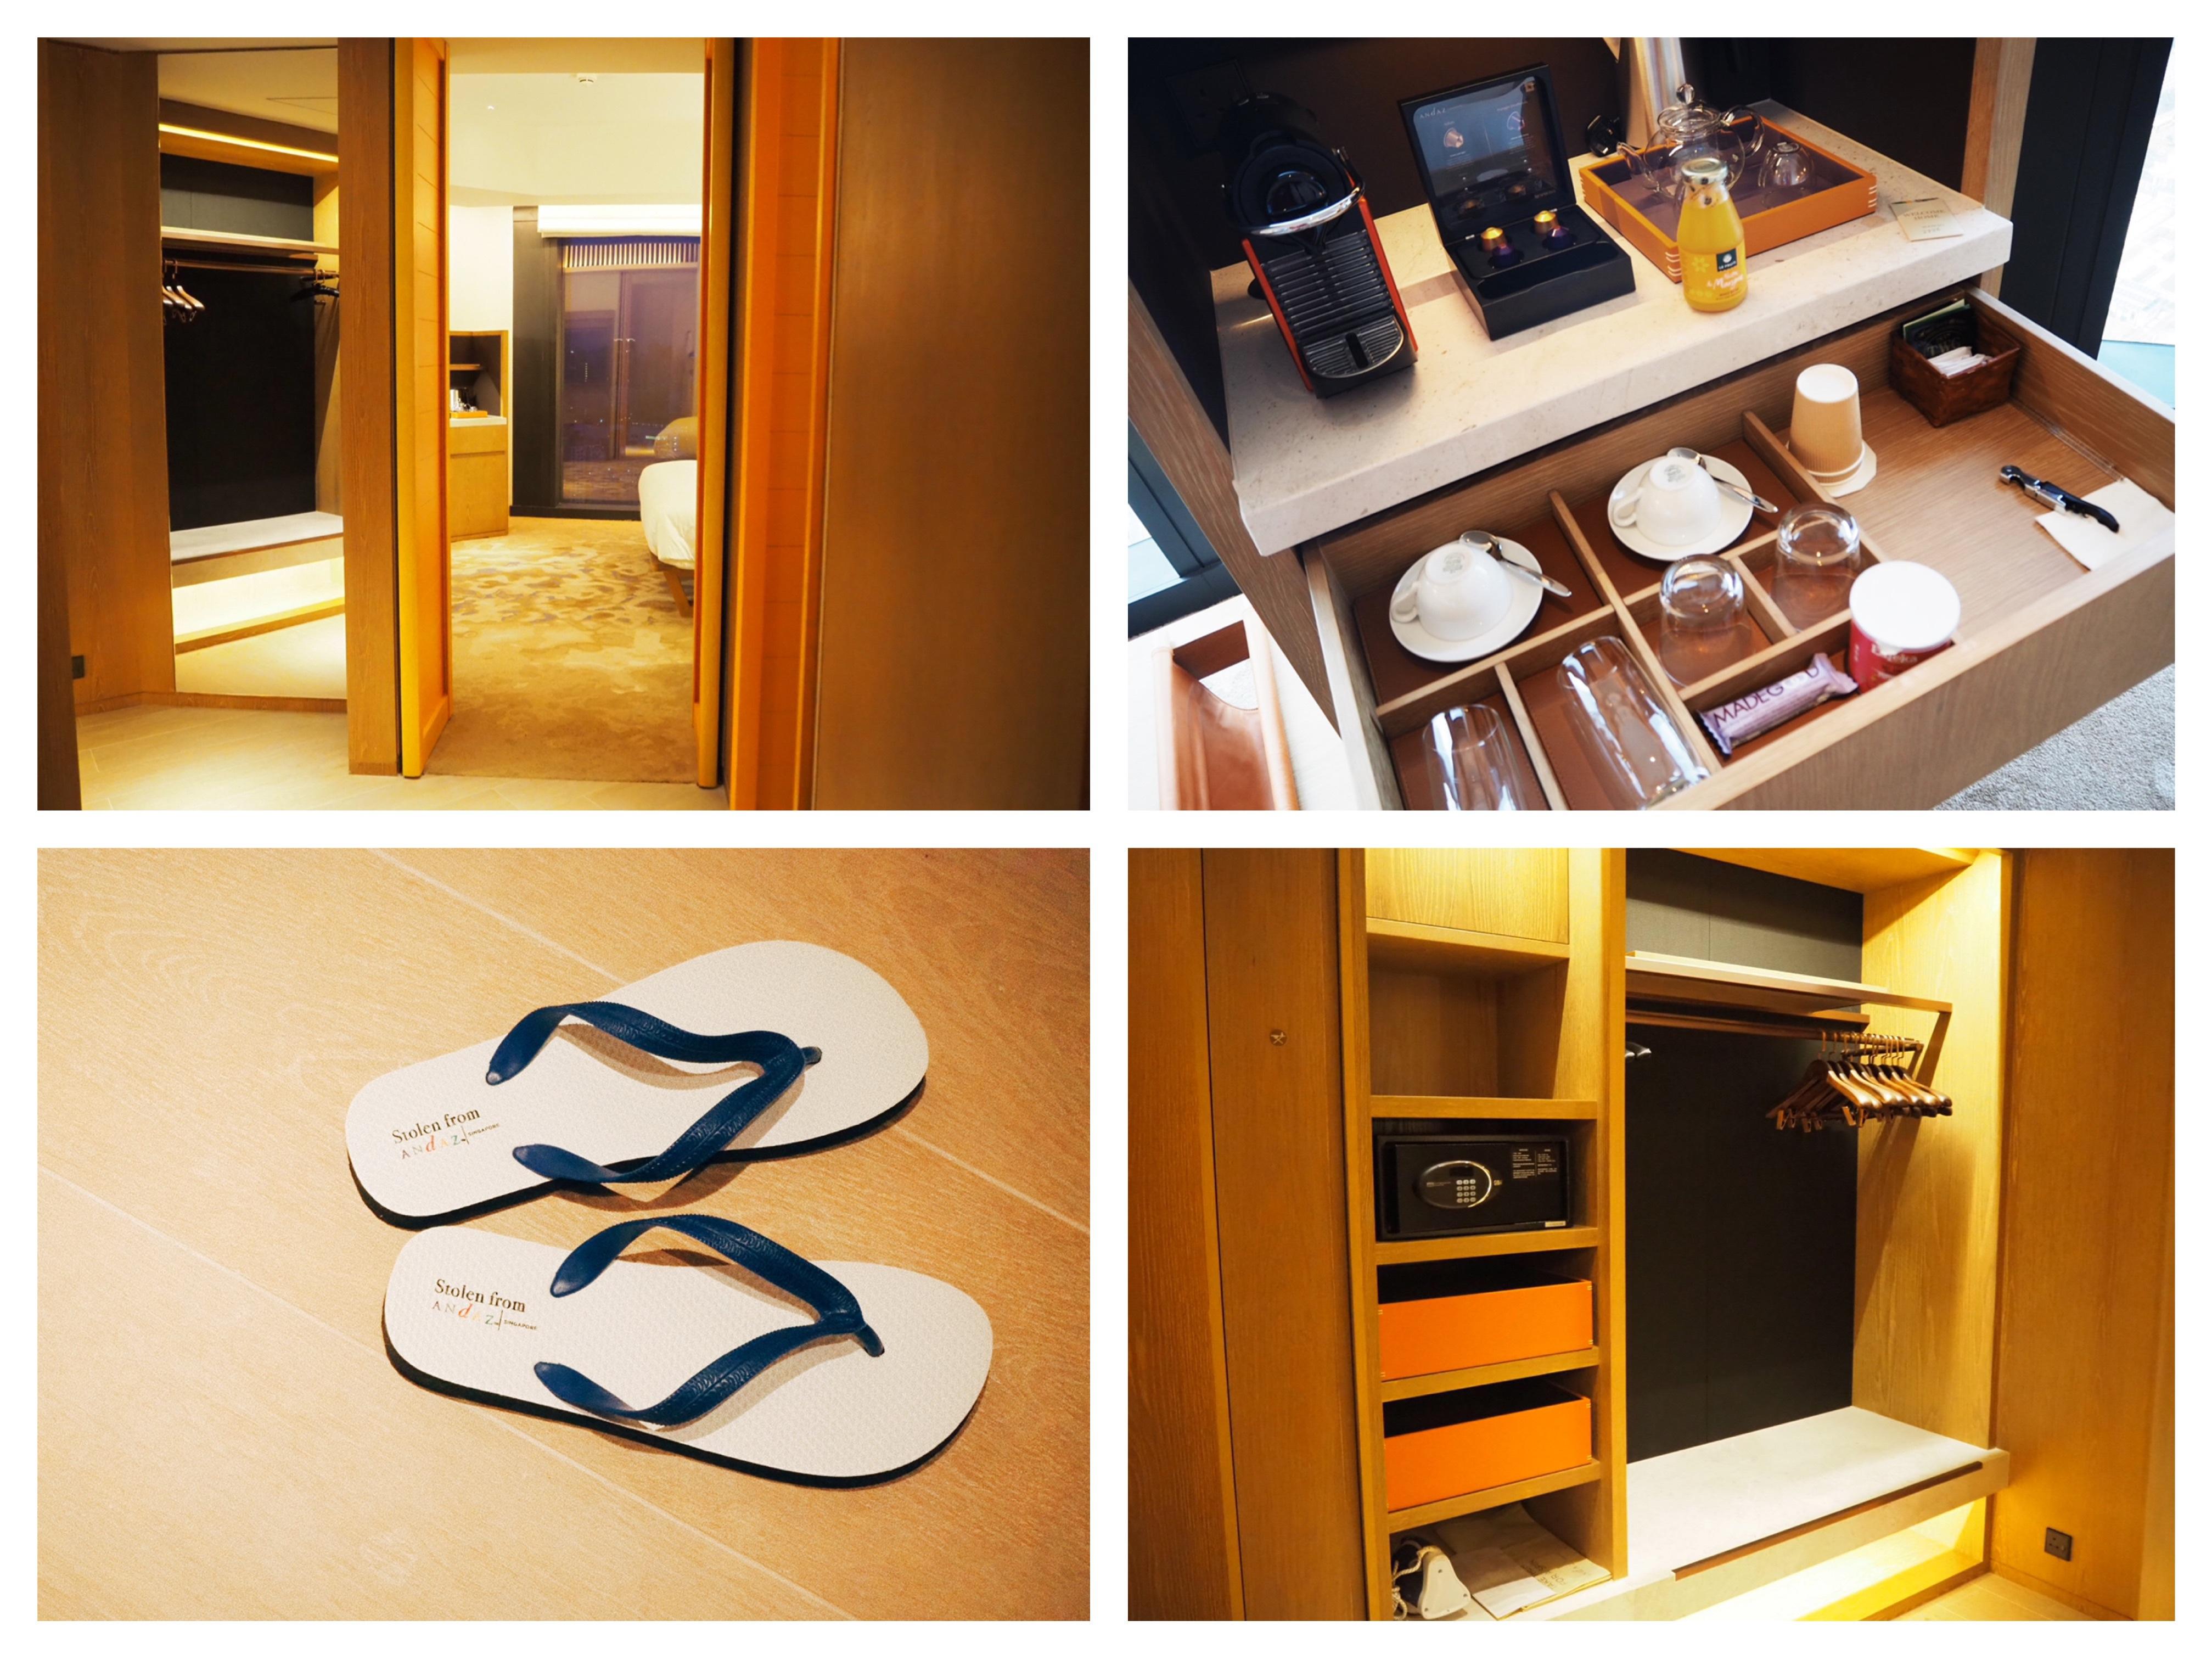 img 6049 - Andaz Singapore - ハイアット系列五つ星ホテル「アンダーズシンガポール」にまた泊まりたい理由